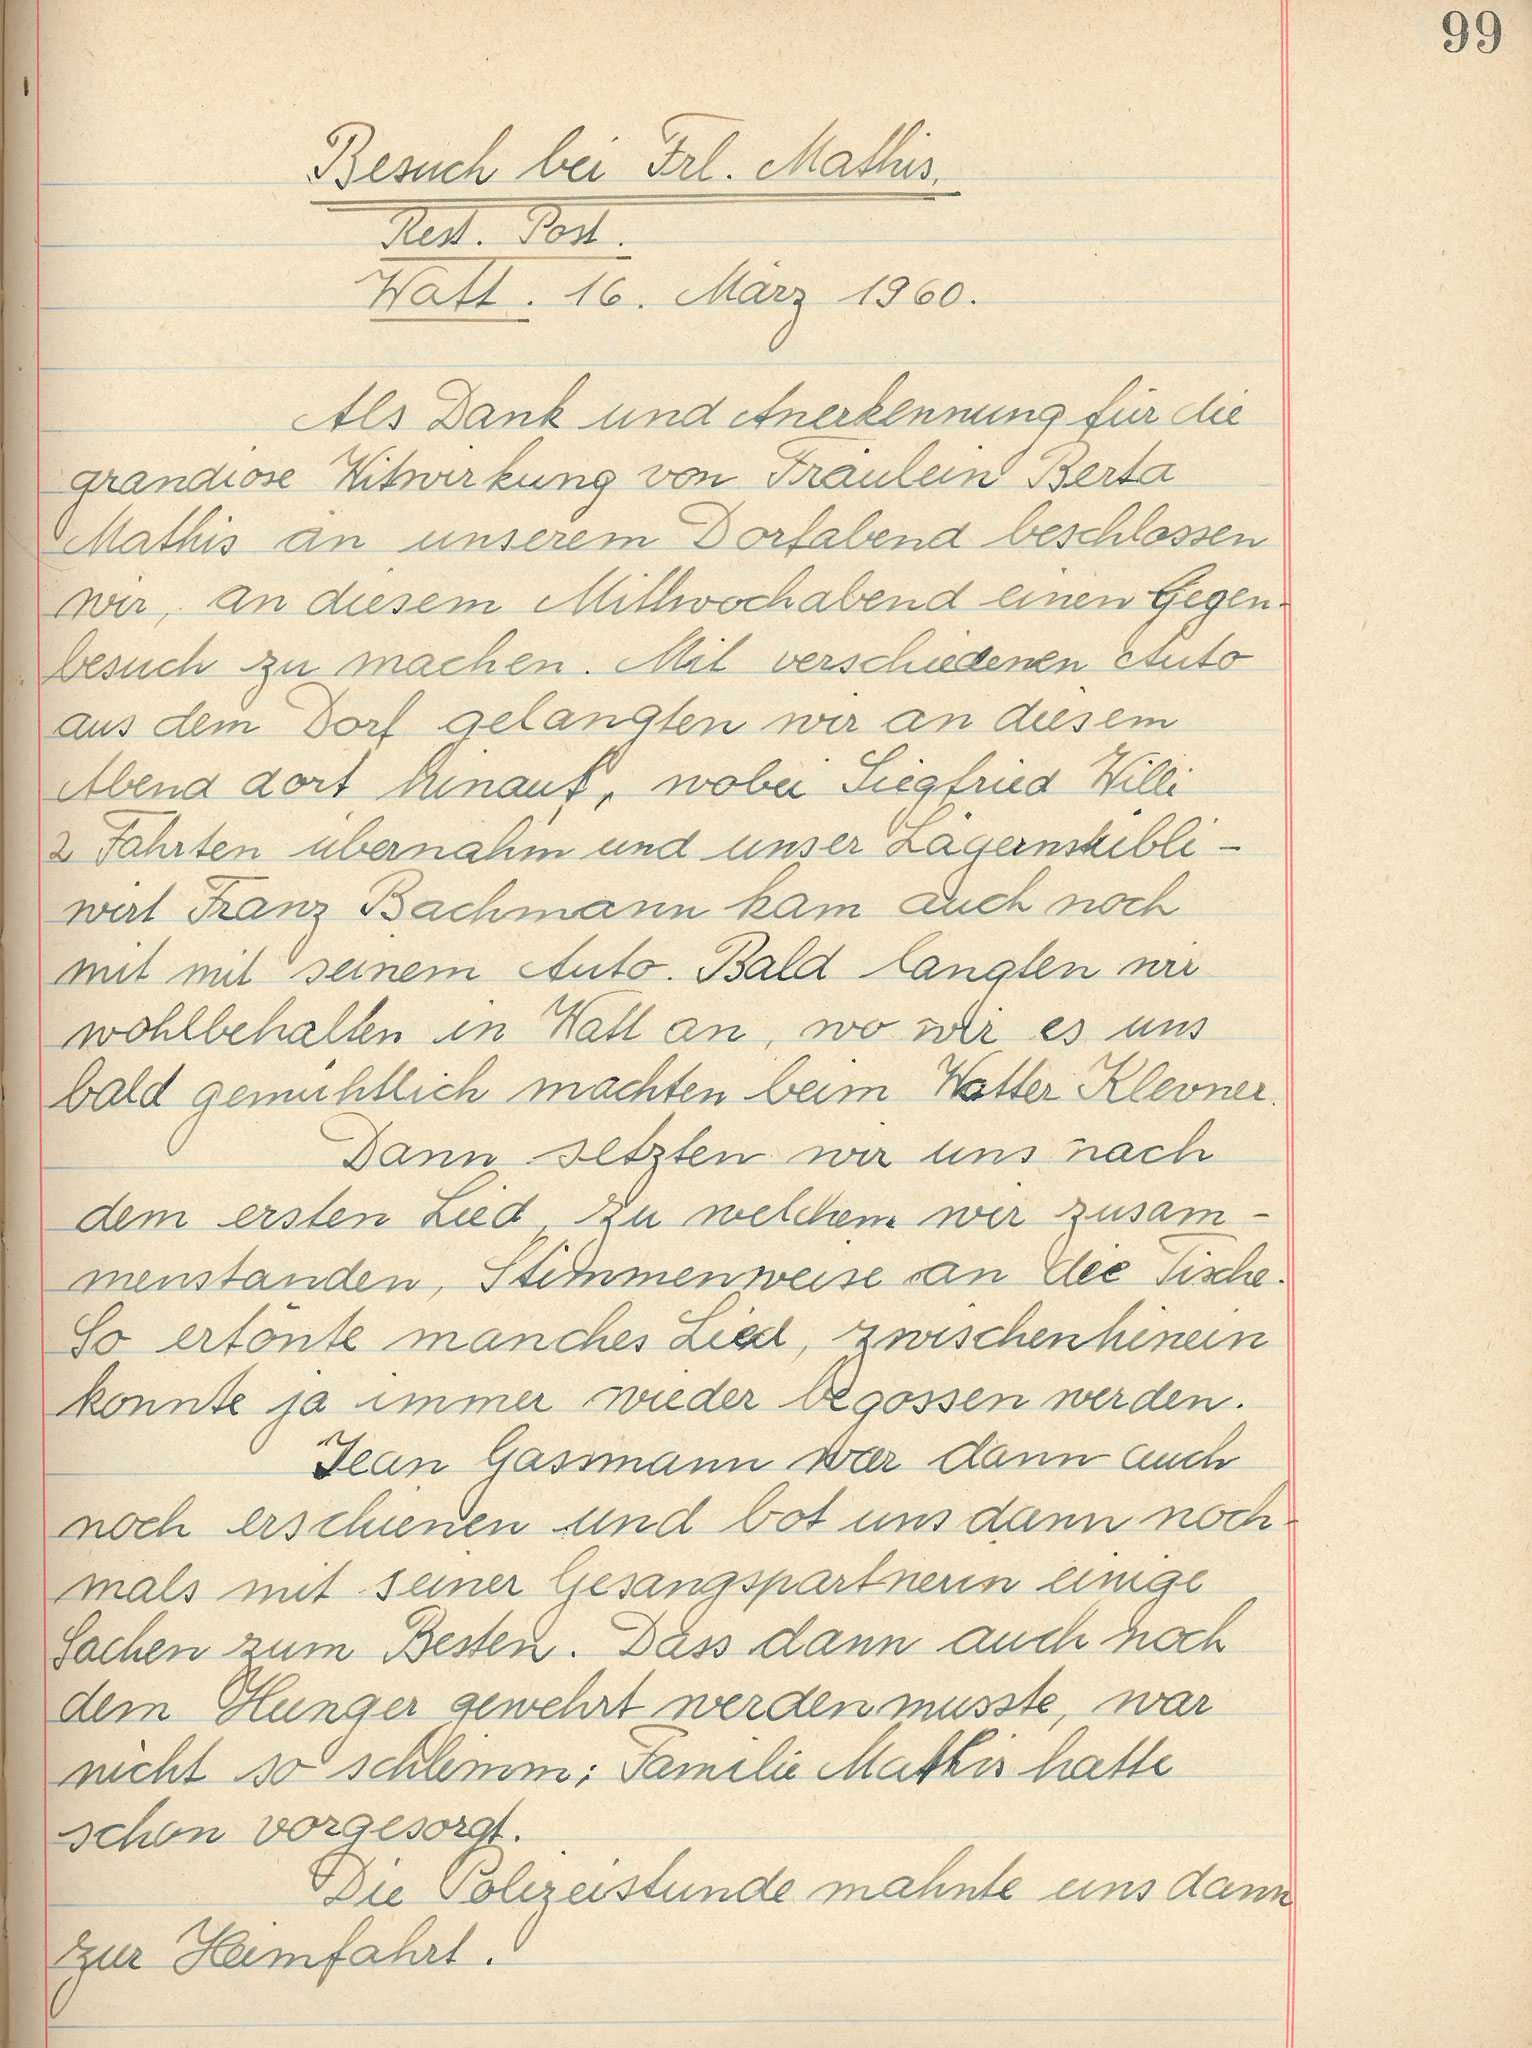 Gegenbesuch der Männerchörler bei Frl. Mathis Watt, Rest. ZurPost::16.3.196027.2.1960